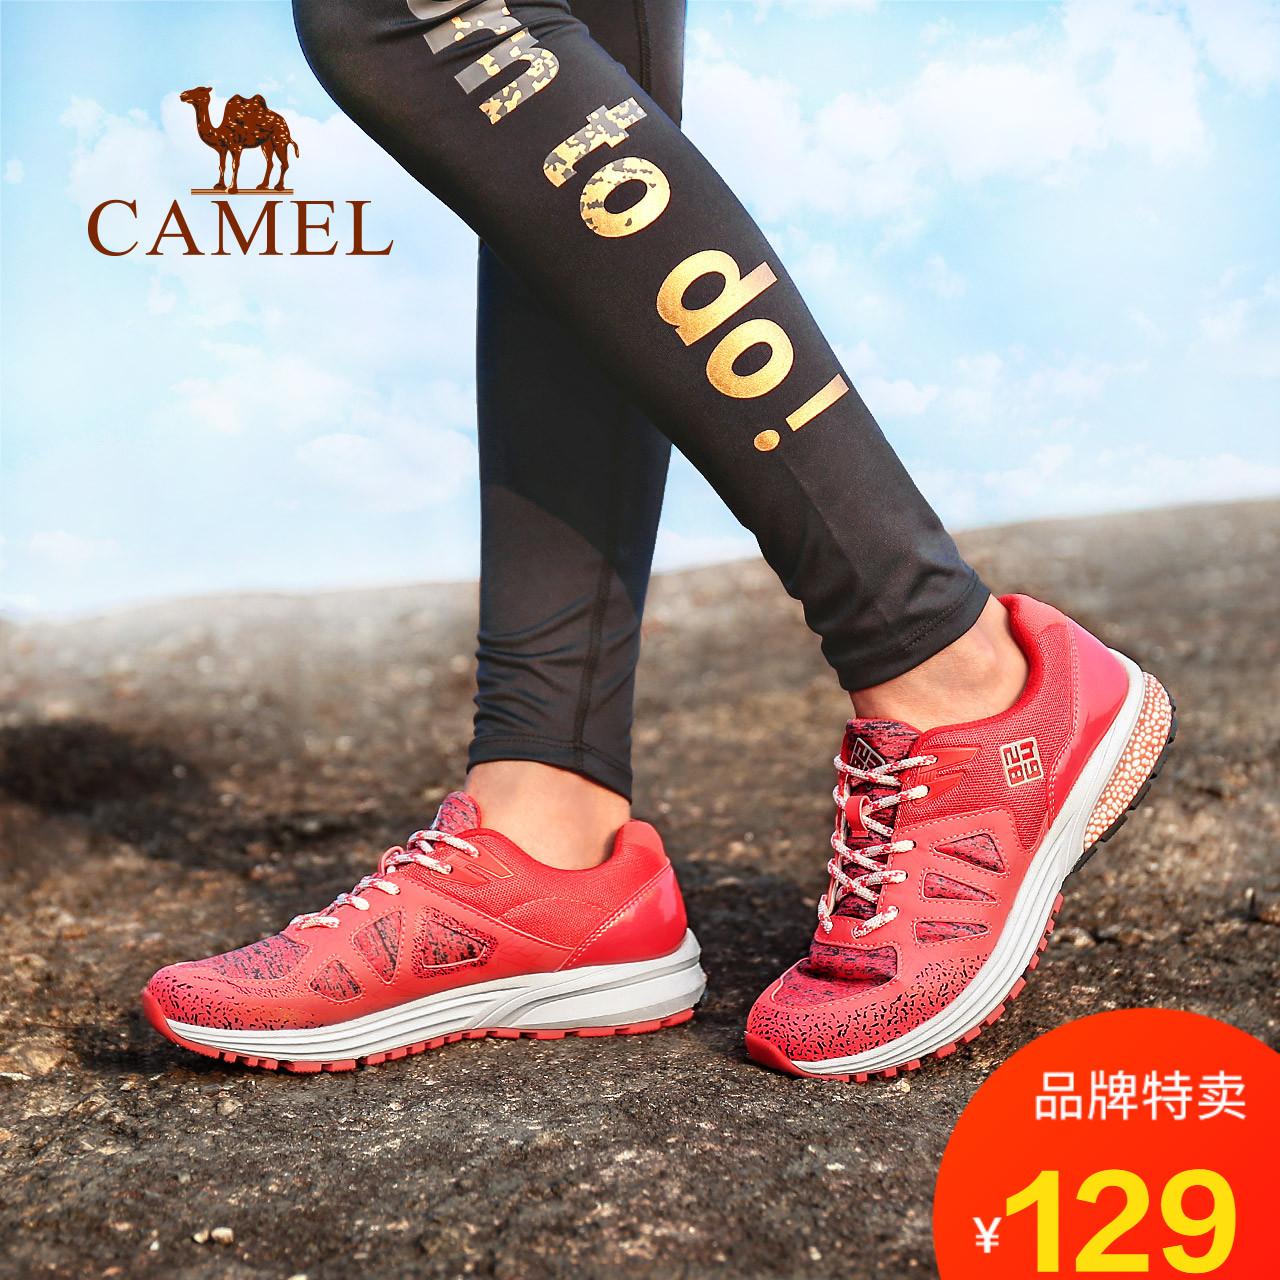 特卖骆驼女鞋登山队系列越野跑鞋耐磨防滑减震时尚女士休闲运动鞋